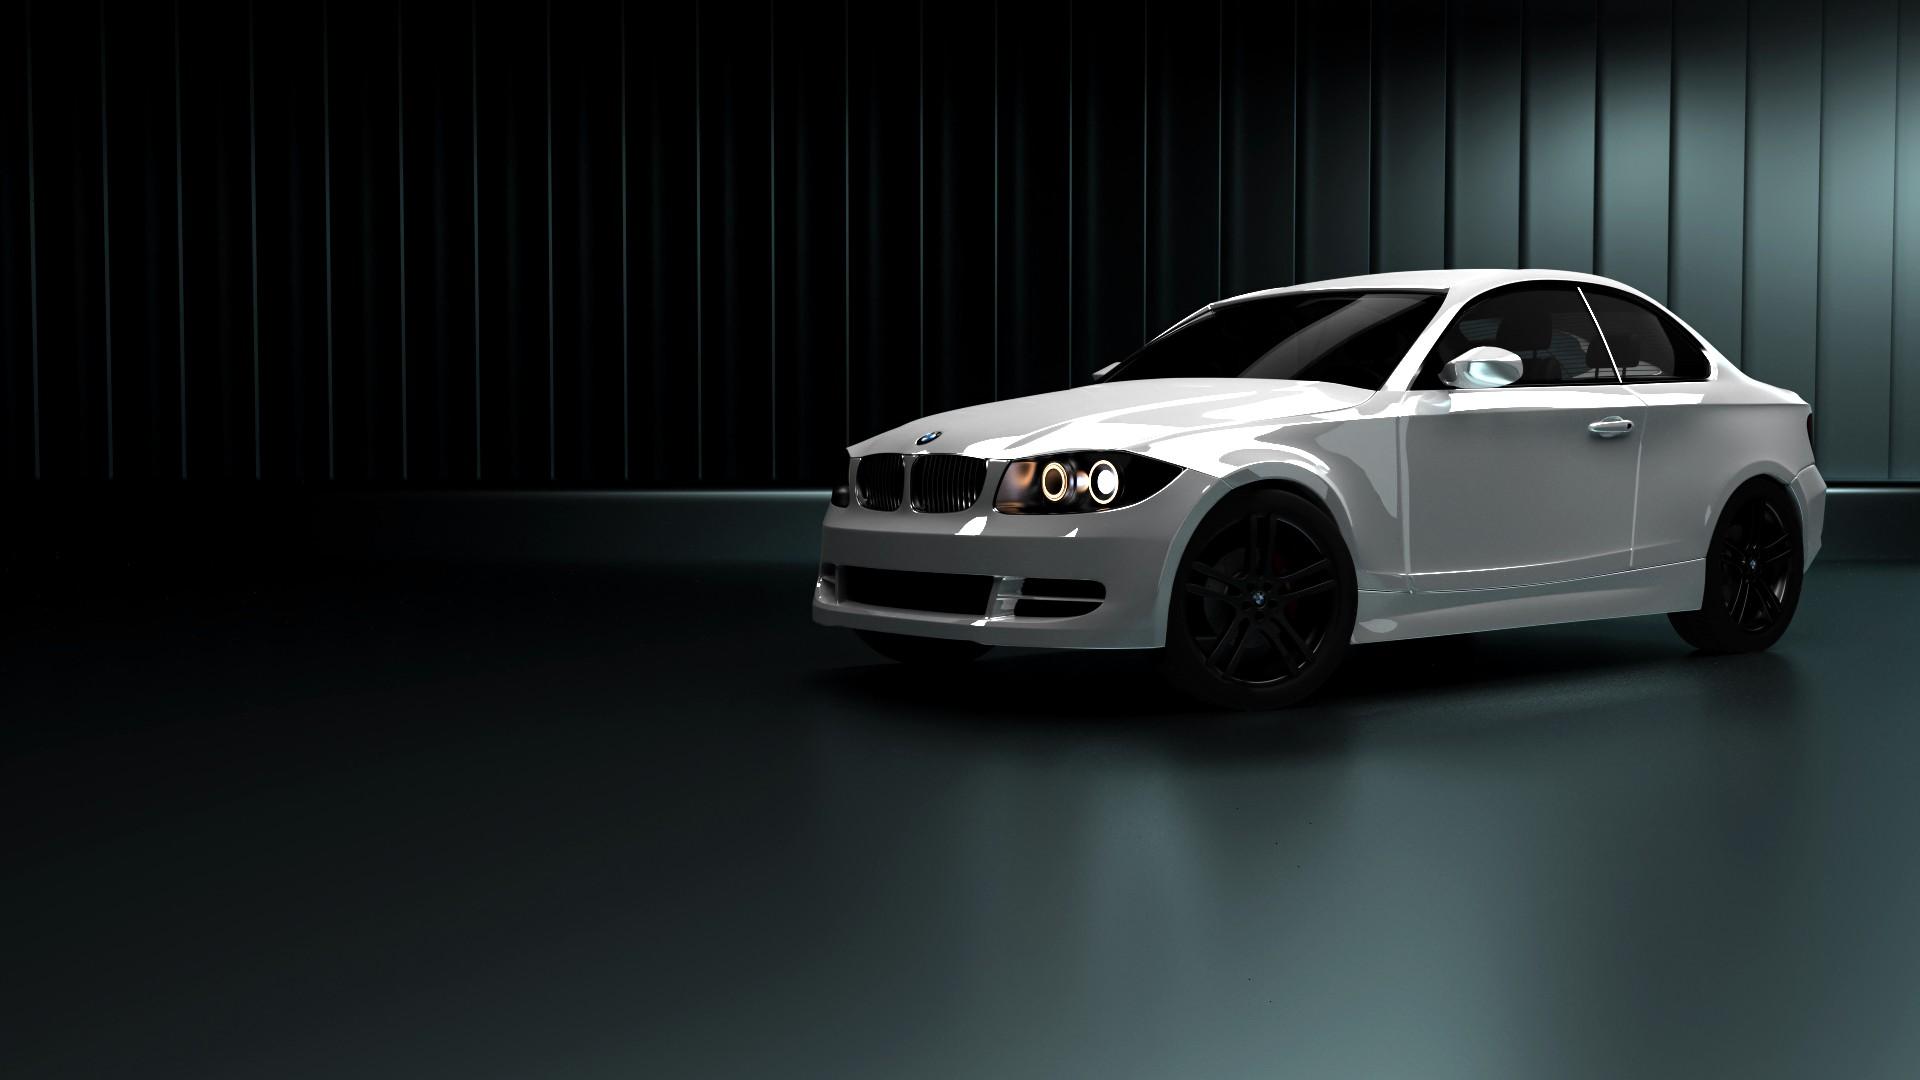 BMW 135i Wallpaper 34   [1920x1080] 1920x1080